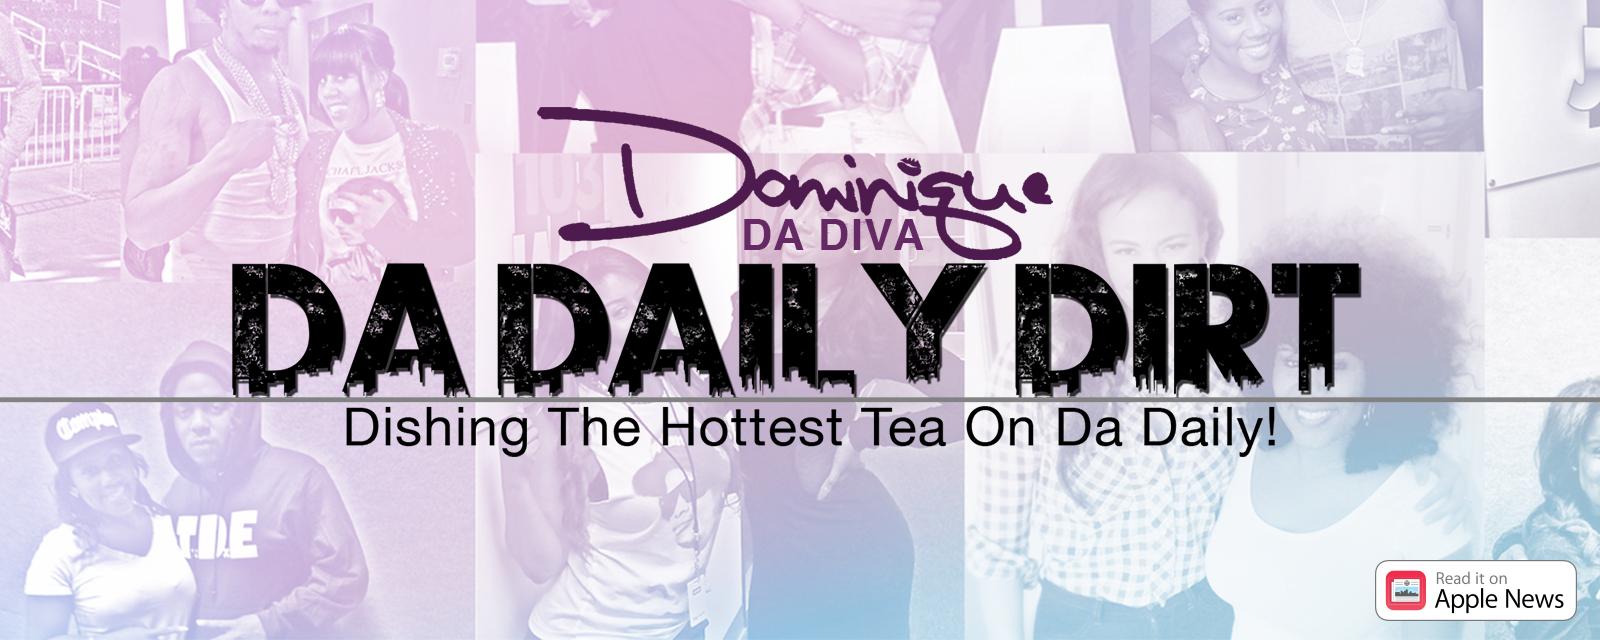 Da Daily Dirt now on Apple News